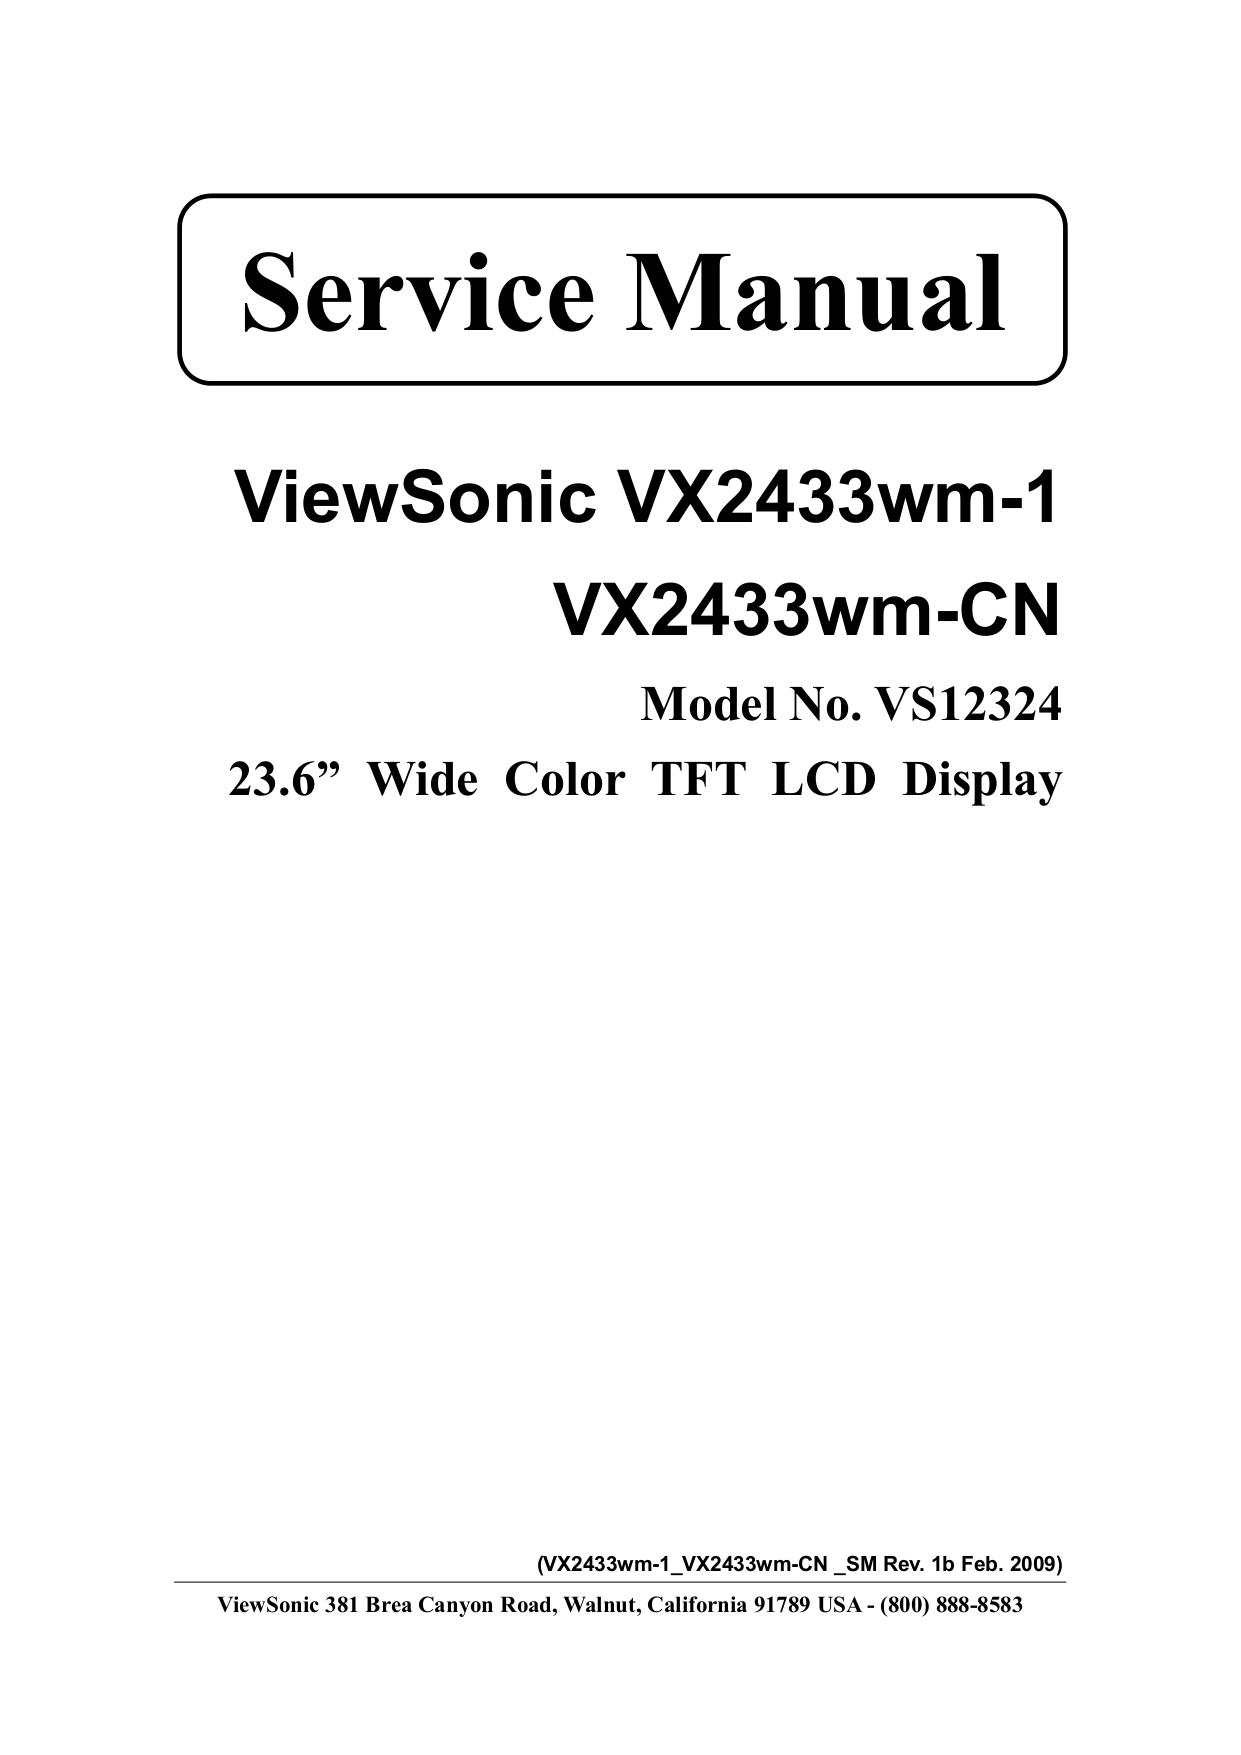 download free pdf for viewsonic vx2433wm monitor manual rh umlib com viewsonic vx2433wm specs viewsonic vx2433wm service manual